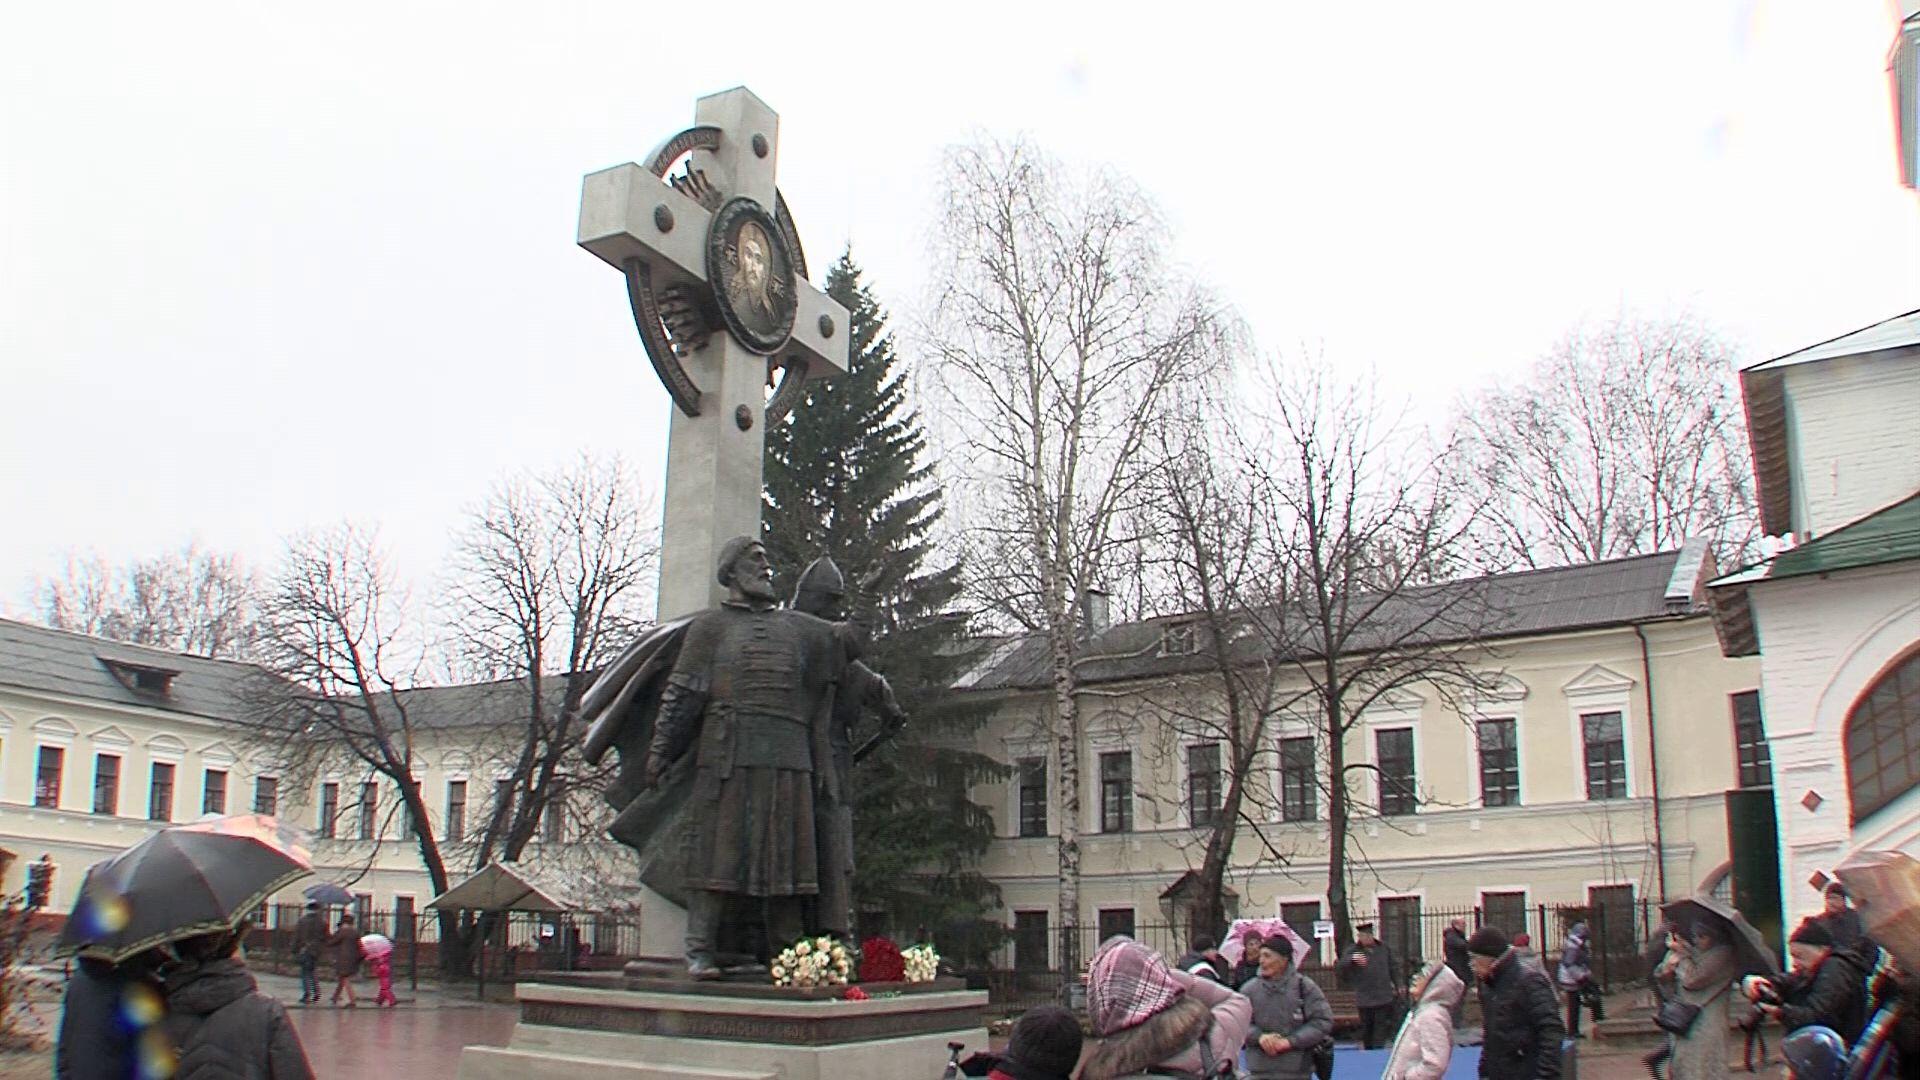 Третий в стране: в Ярославле открыли памятник Кузьме Минину и князю Дмитрию Пожарскому